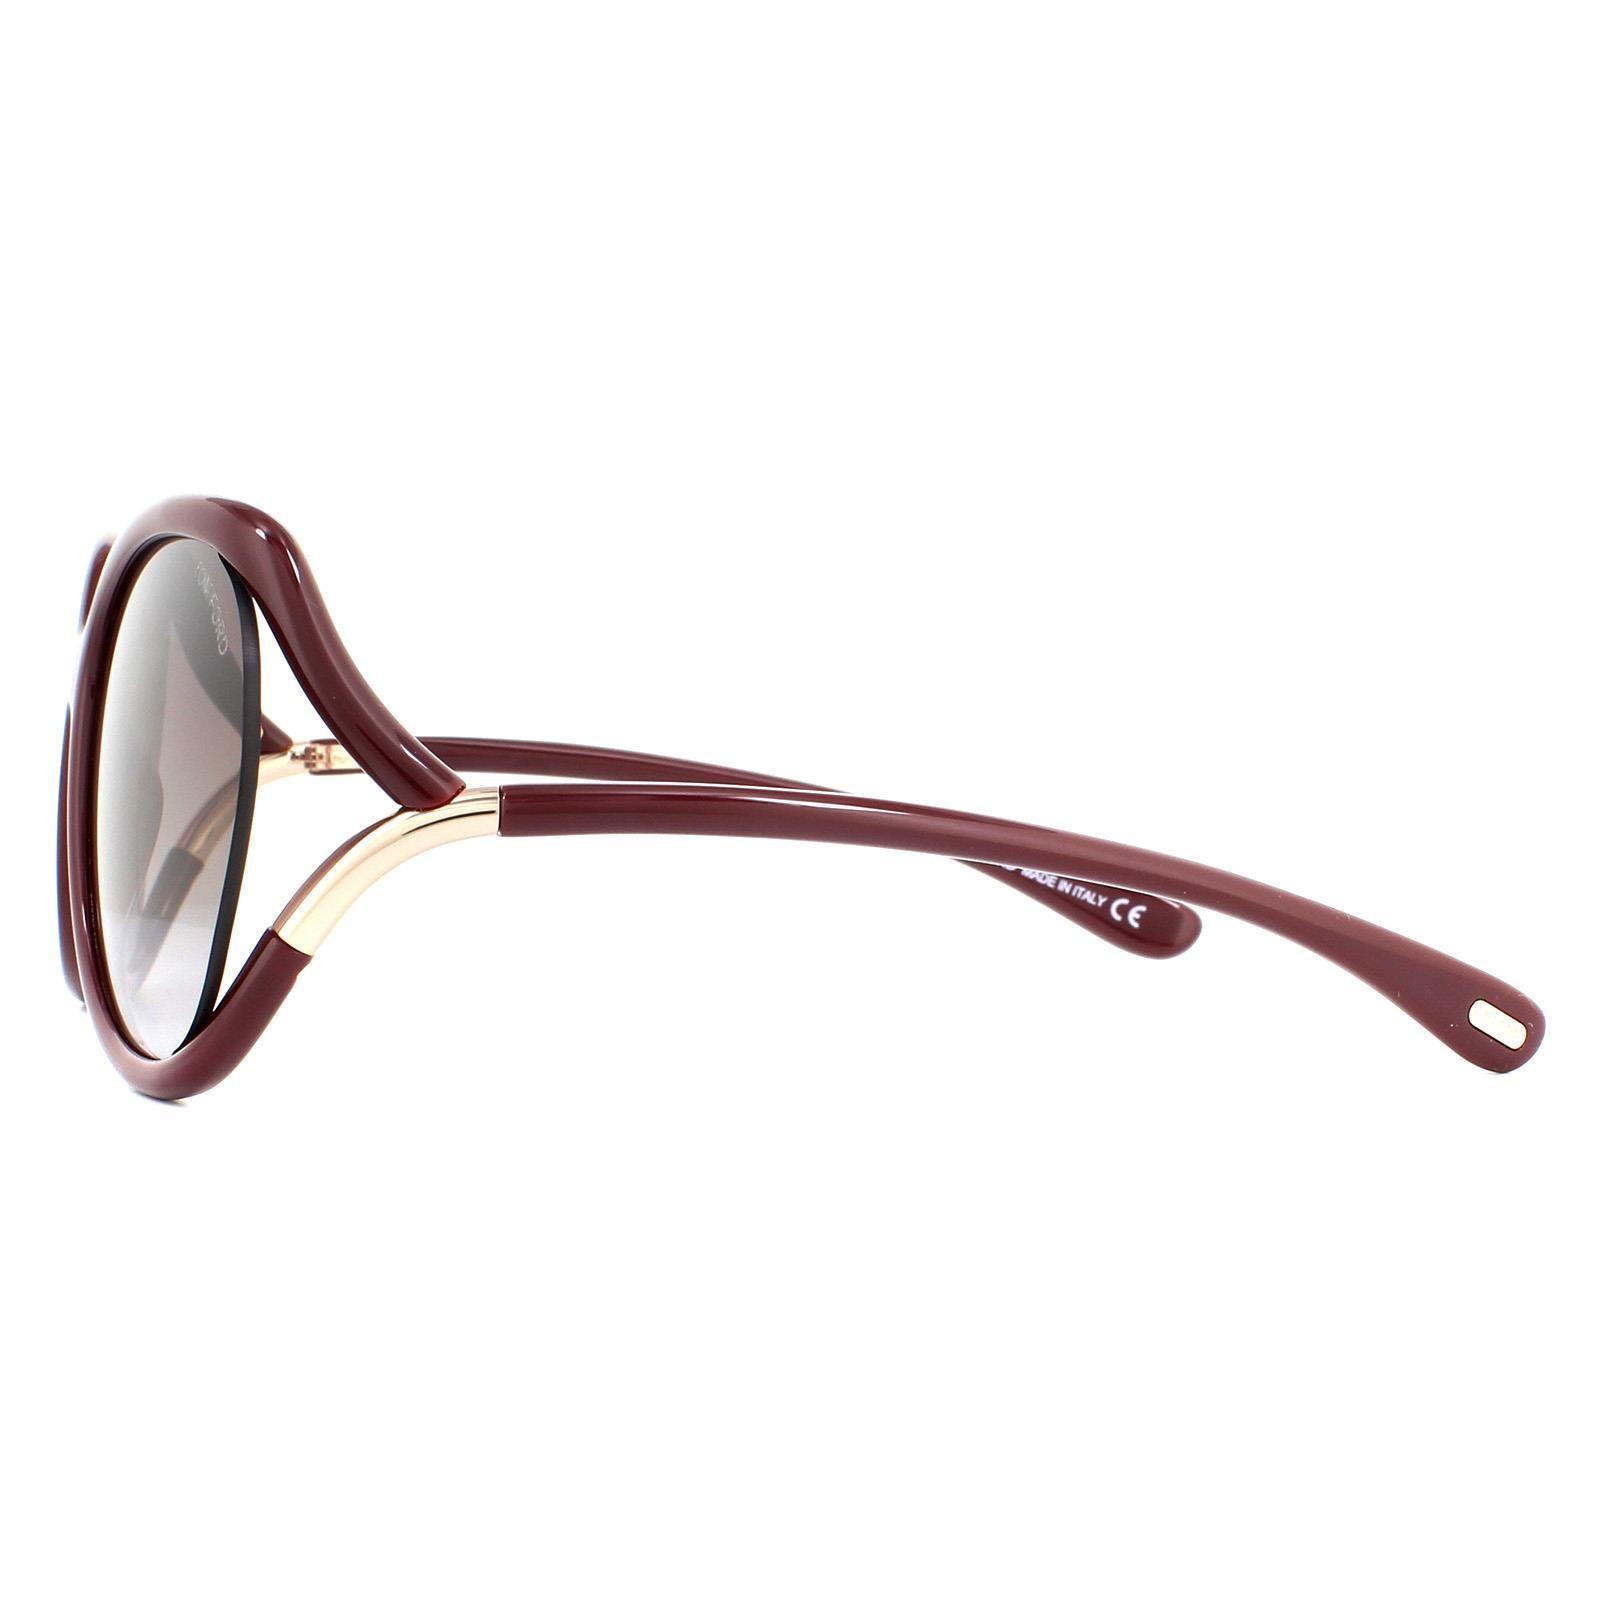 Tom Ford Sunglasses Anouk FT0578 69T Shiny Bordeaux Bordeaux Gradient